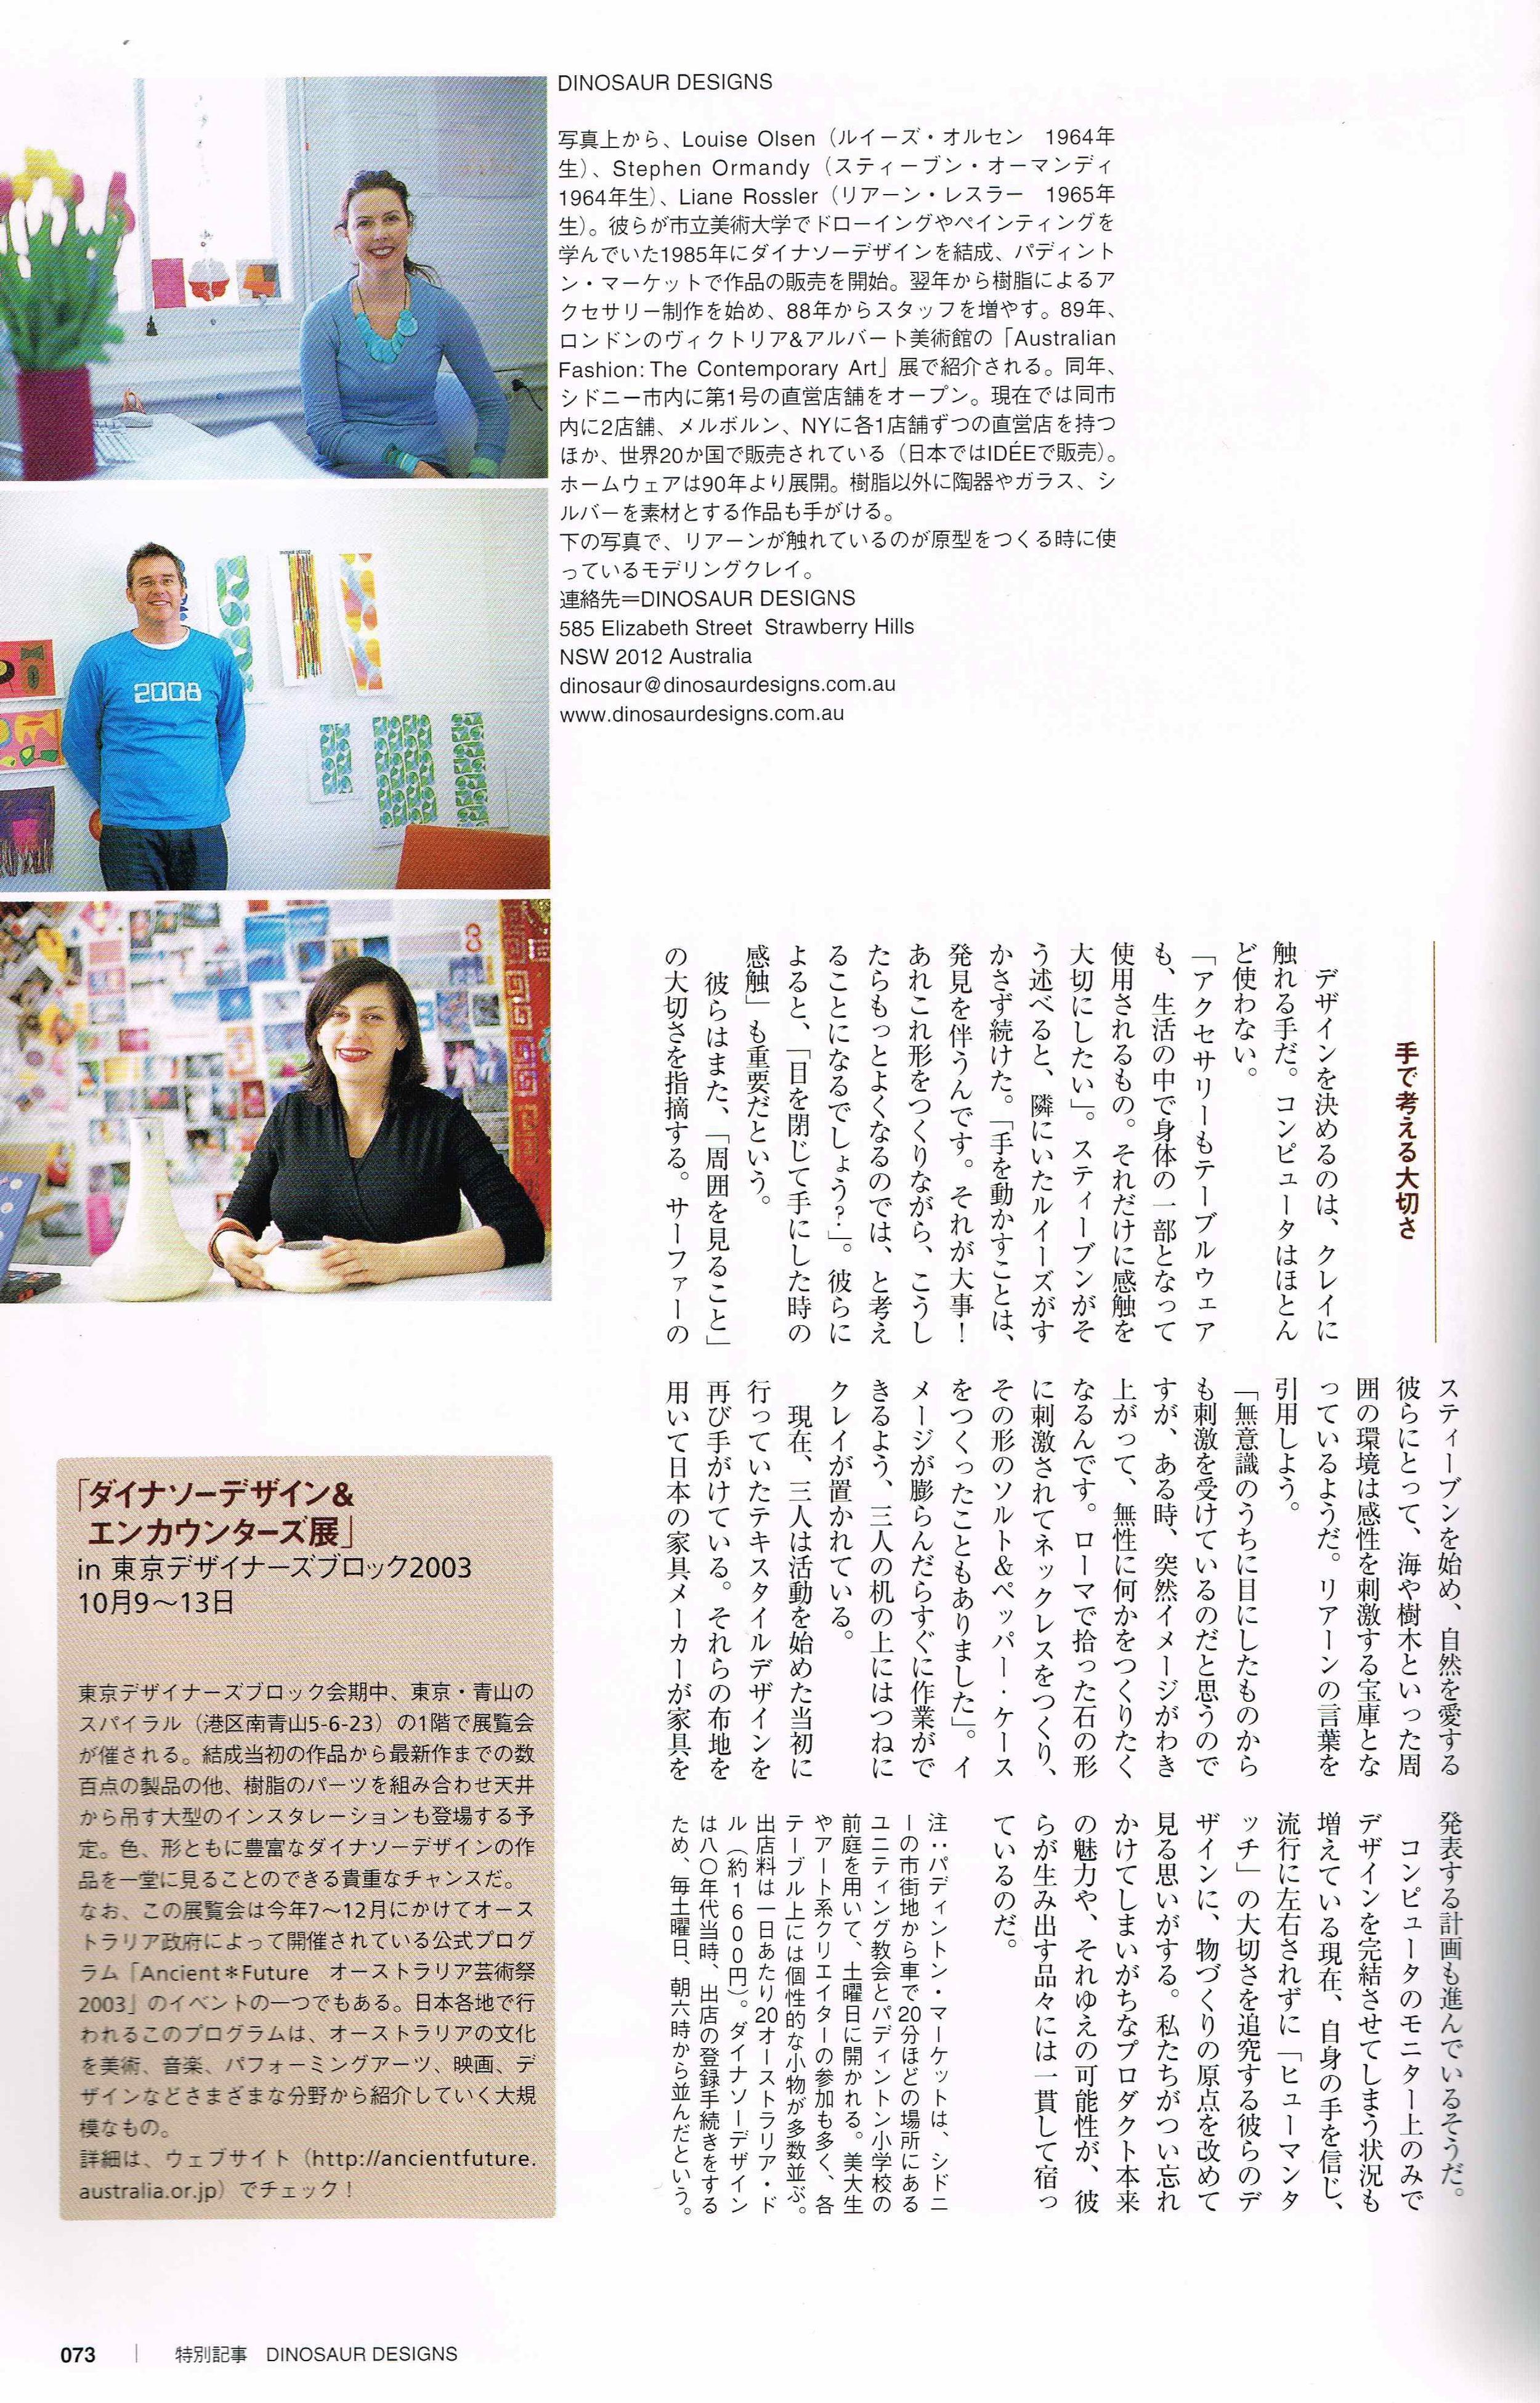 DESIGNERS WORKSHOP JAPAN 2003 P8.jpg